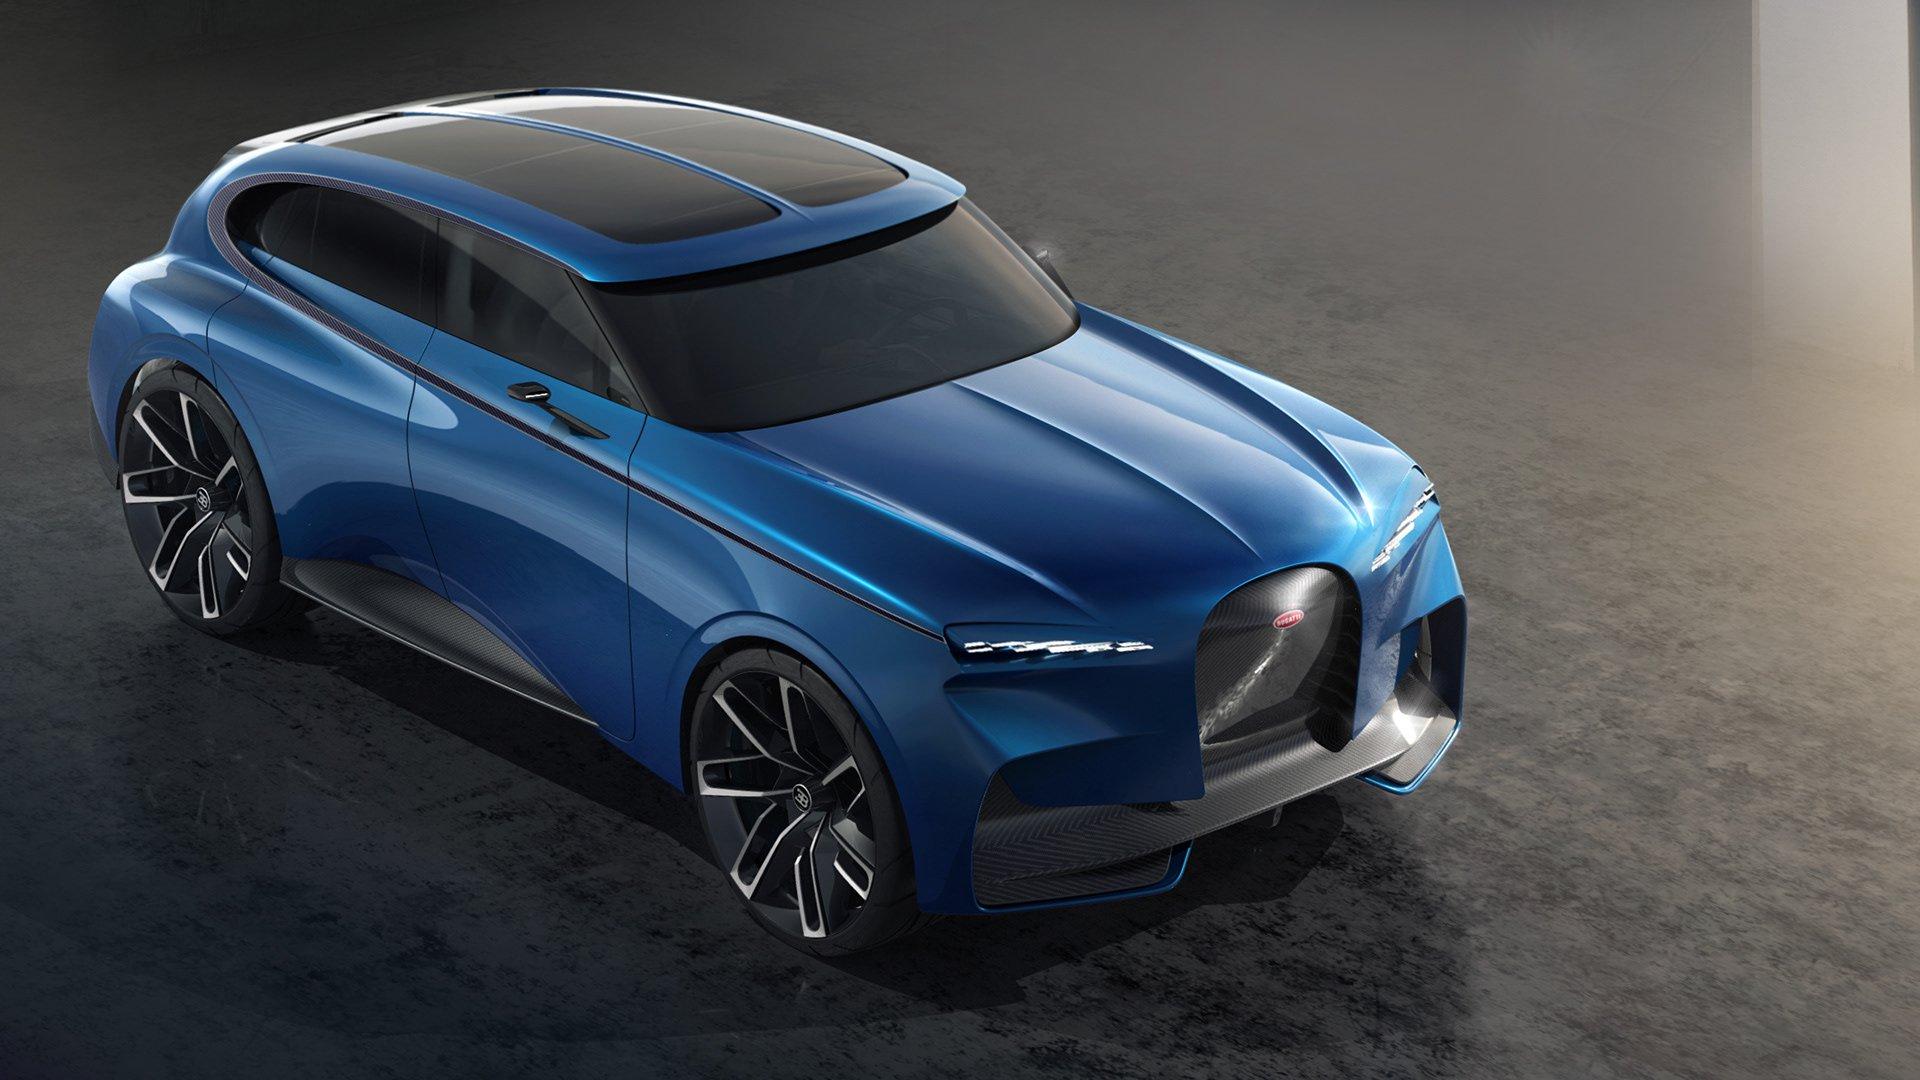 如果布加迪也制造SUV 会是什么样子